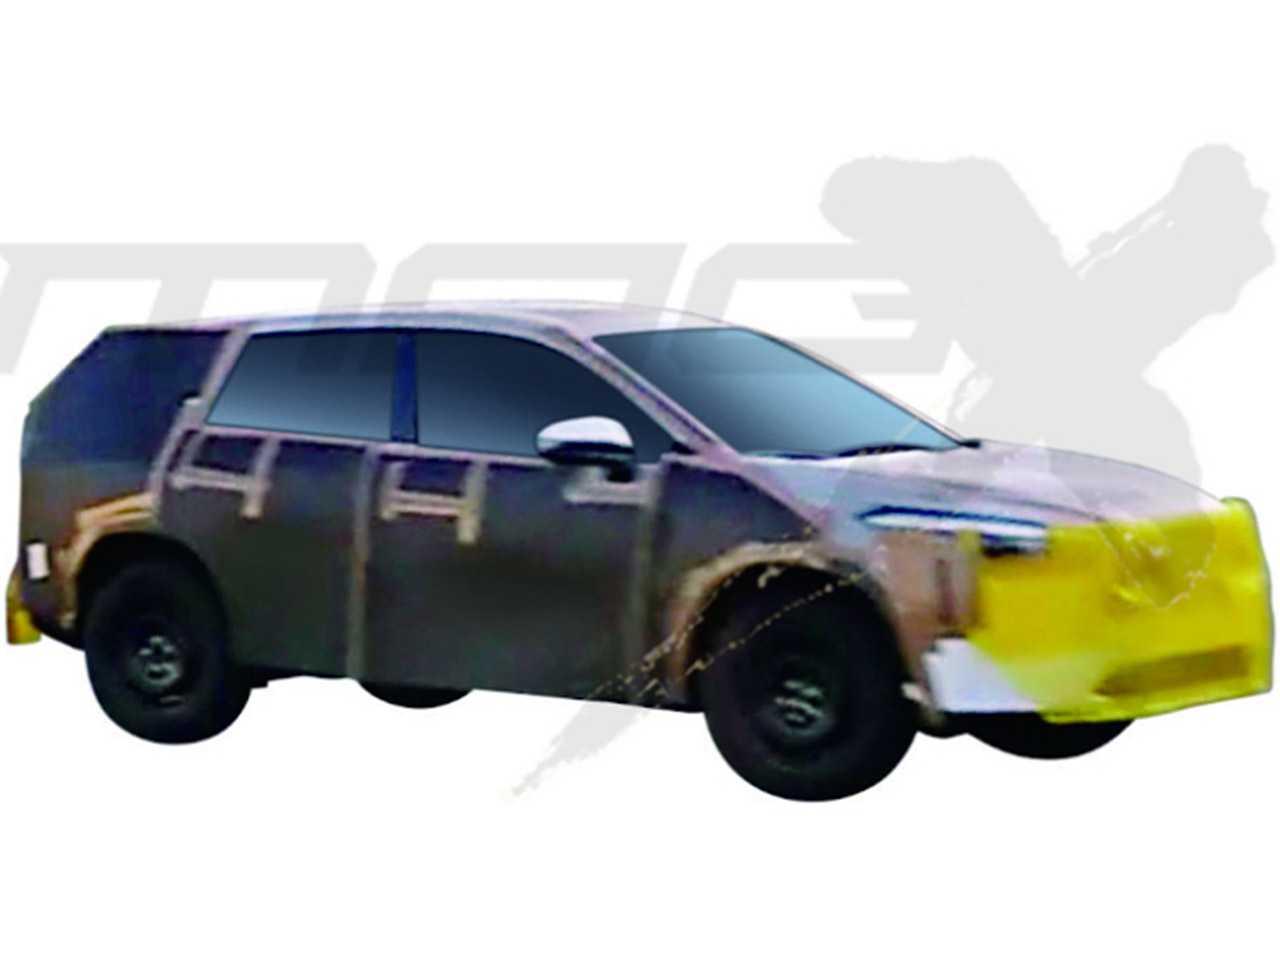 Imagem do inédito SUV derivado do Corolla atual